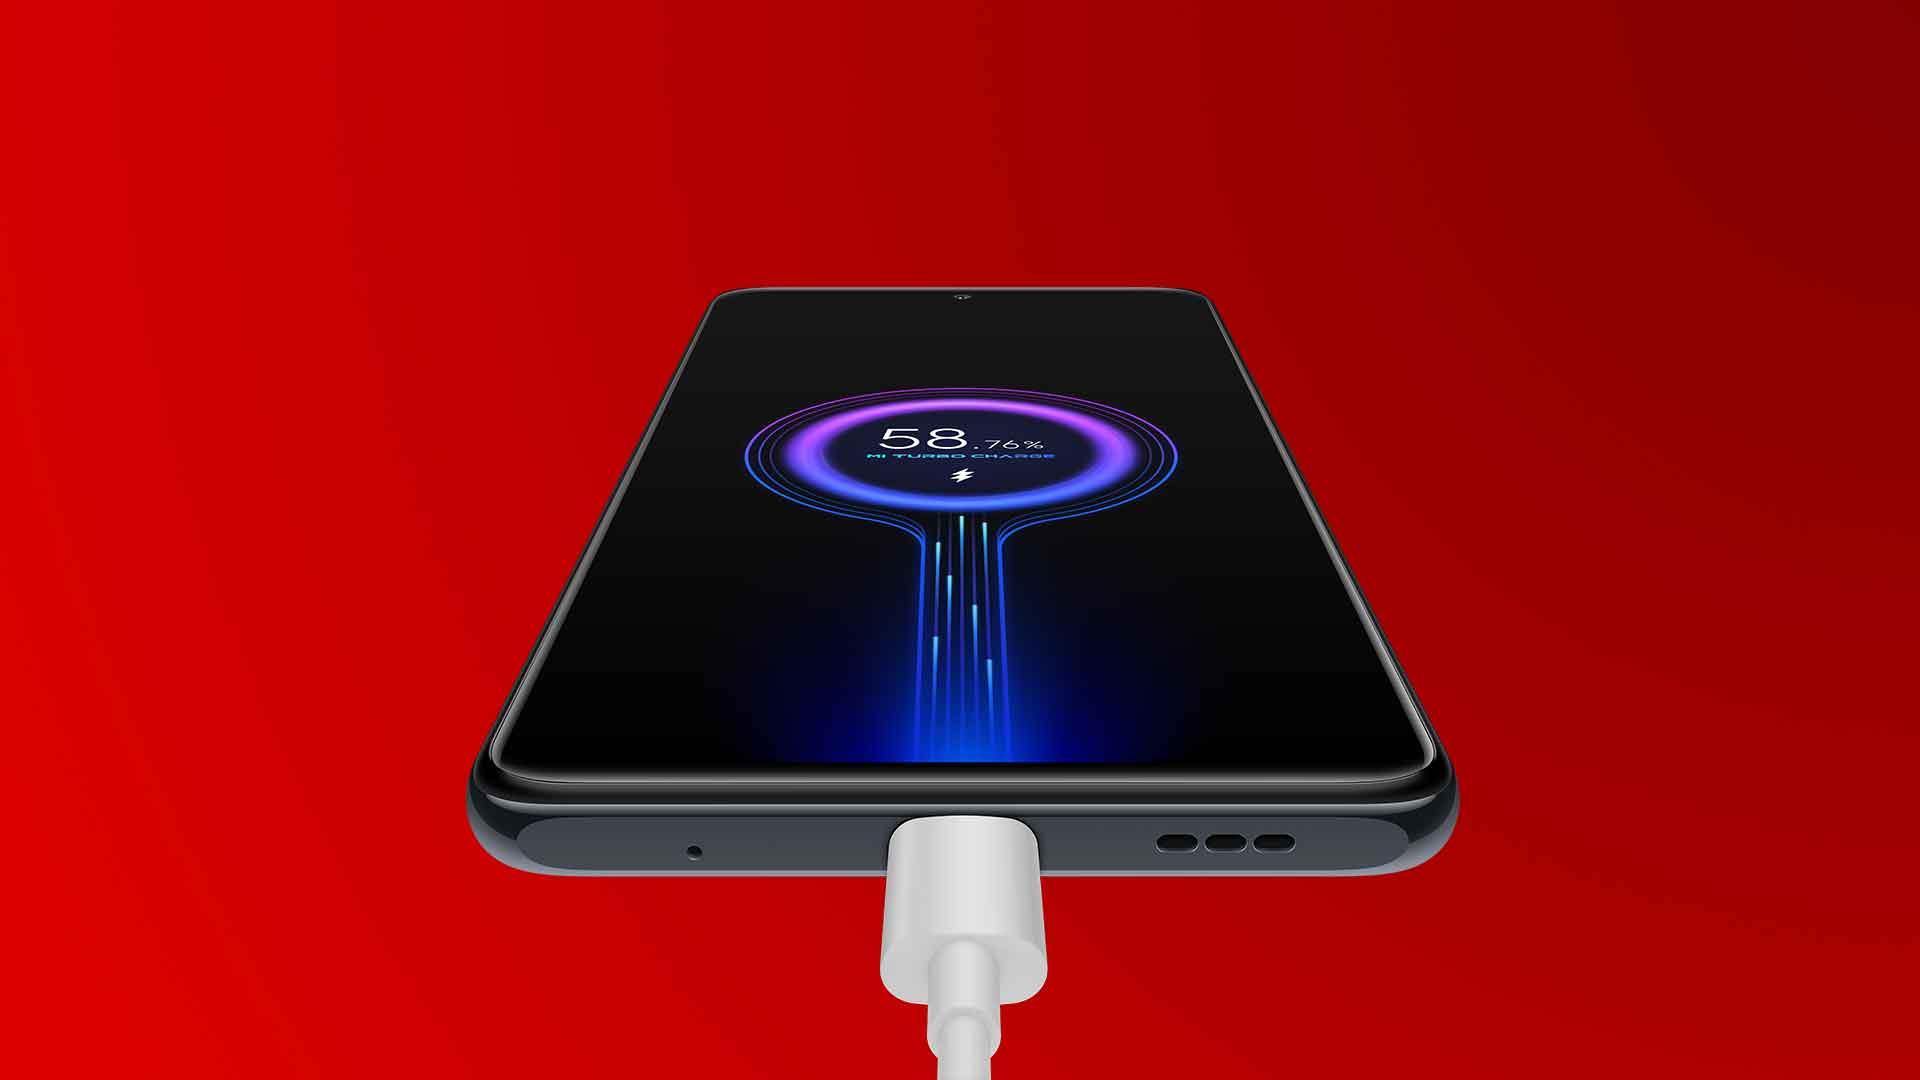 Das neue Xiaomi Redmi Note 10 Pro wird per Akkukabel geladen.